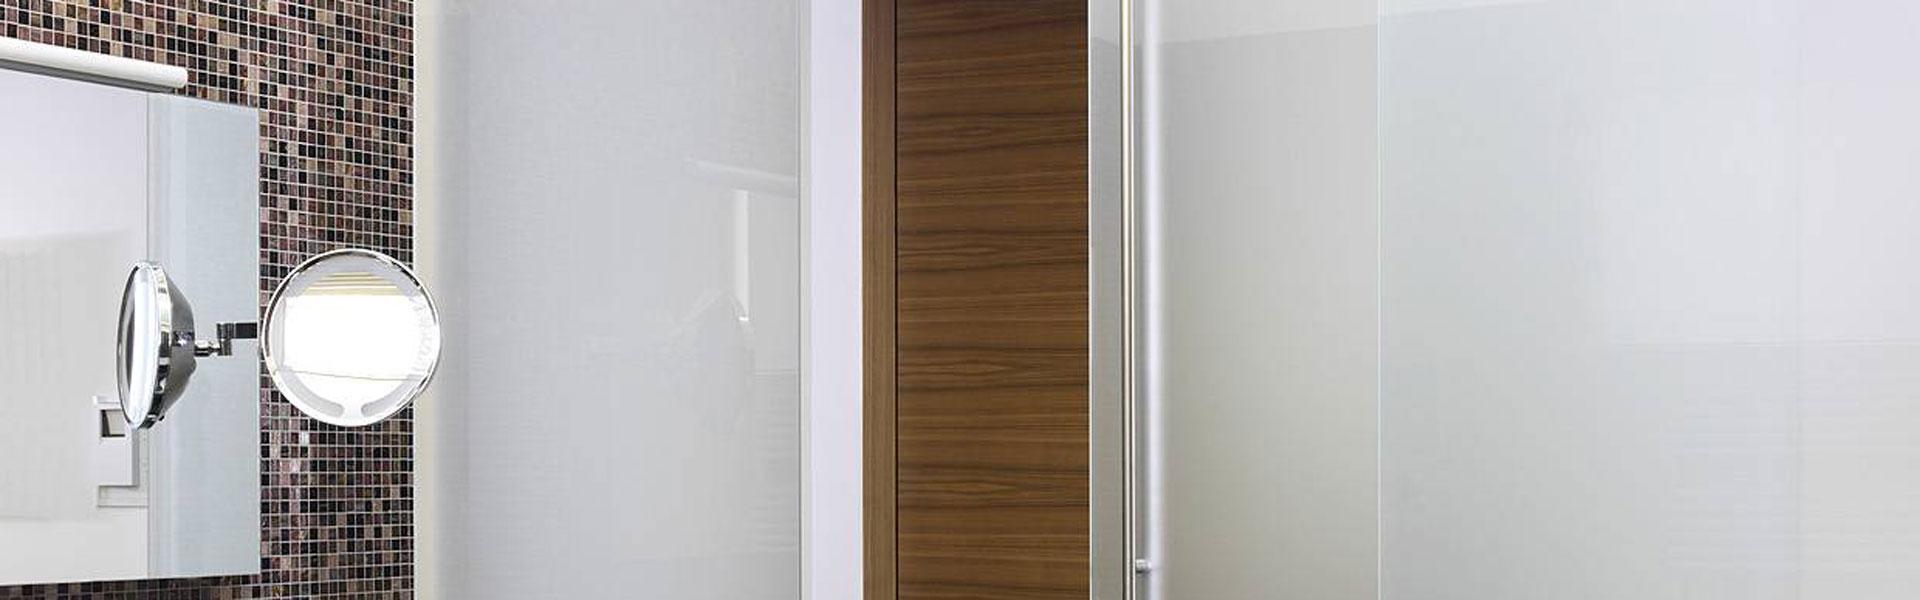 Sichtschutzfolie fürs Badezimmer